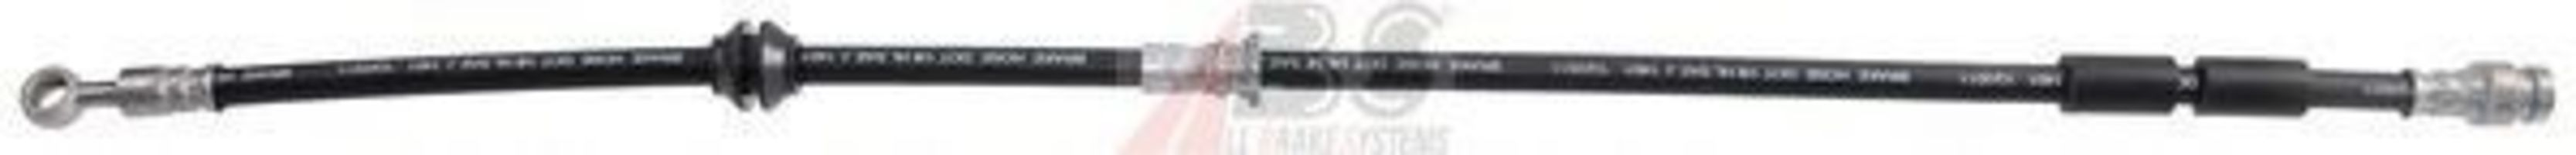 Шланг тормозной A.B.S. SL 6078